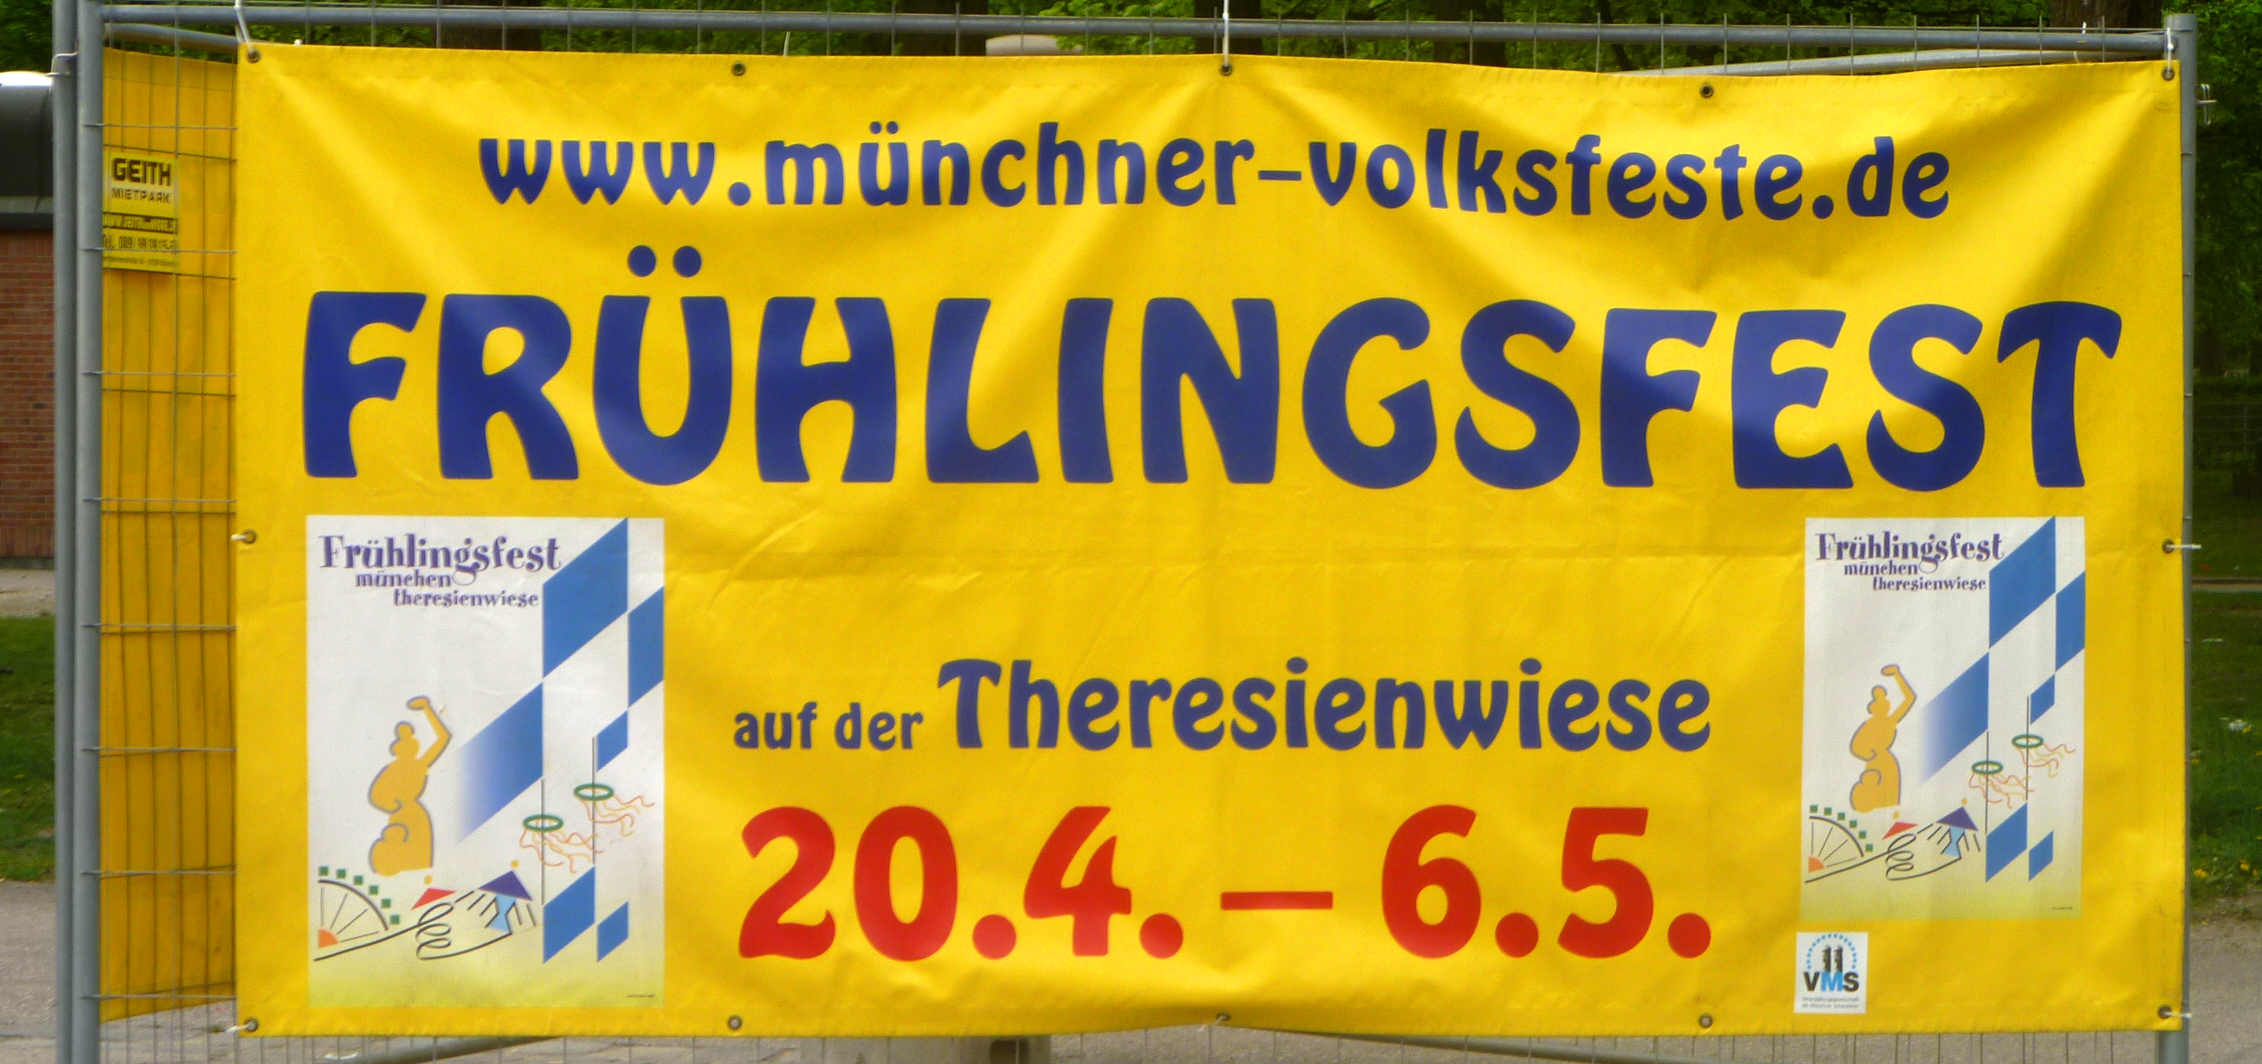 Fruhlingsfest